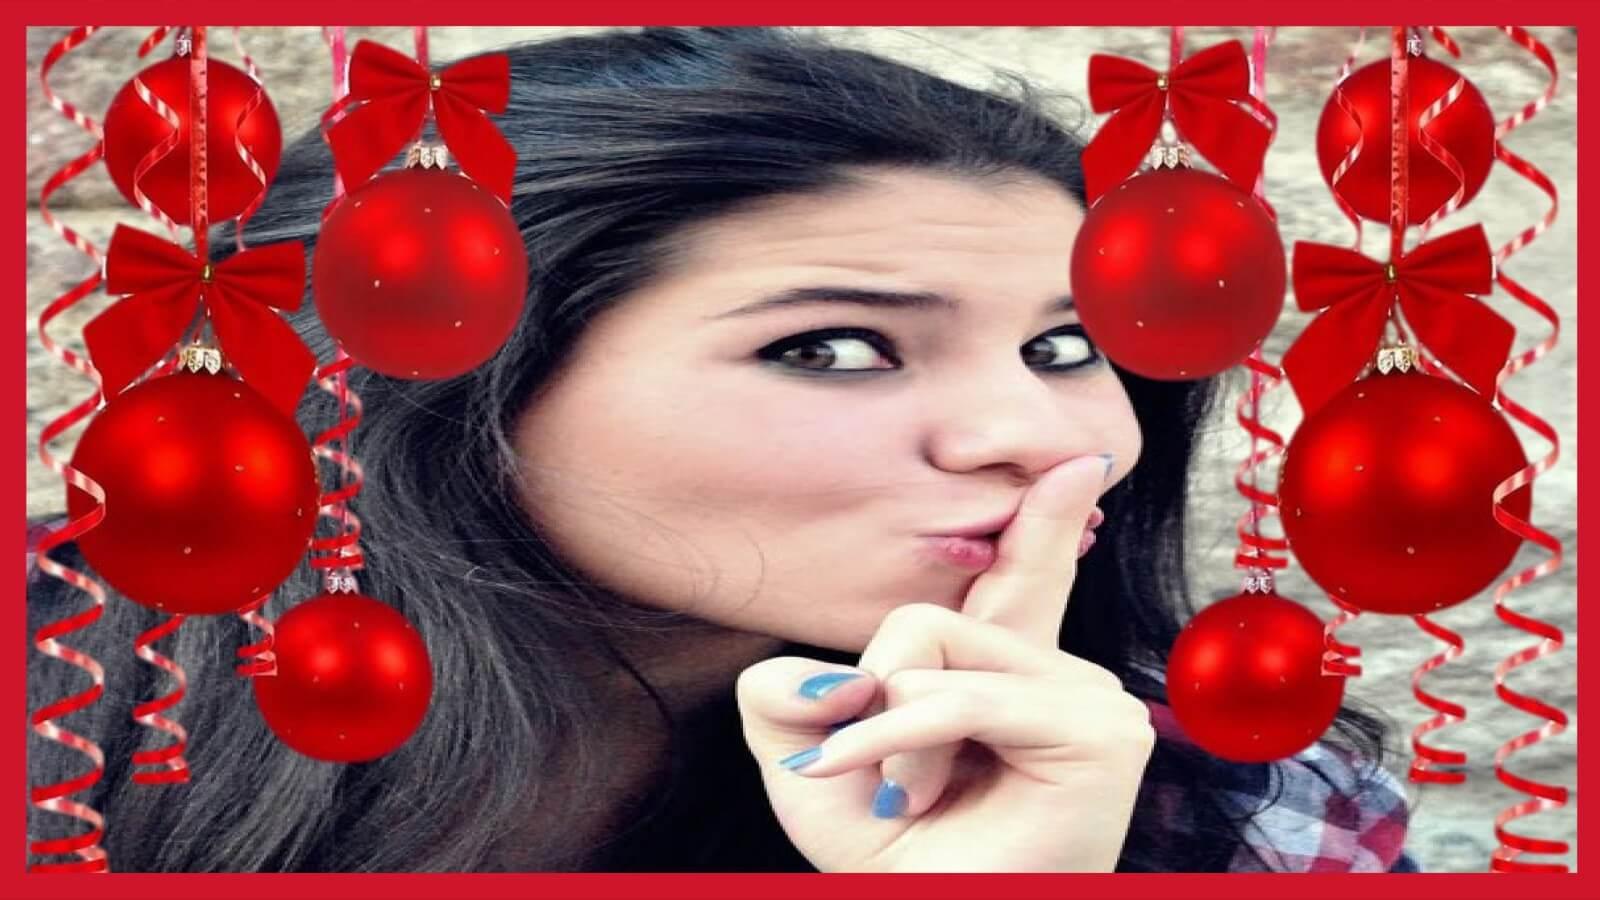 foto-de-capa-para-facebook-com-enfeites-de-natal-bolas-vermelhas